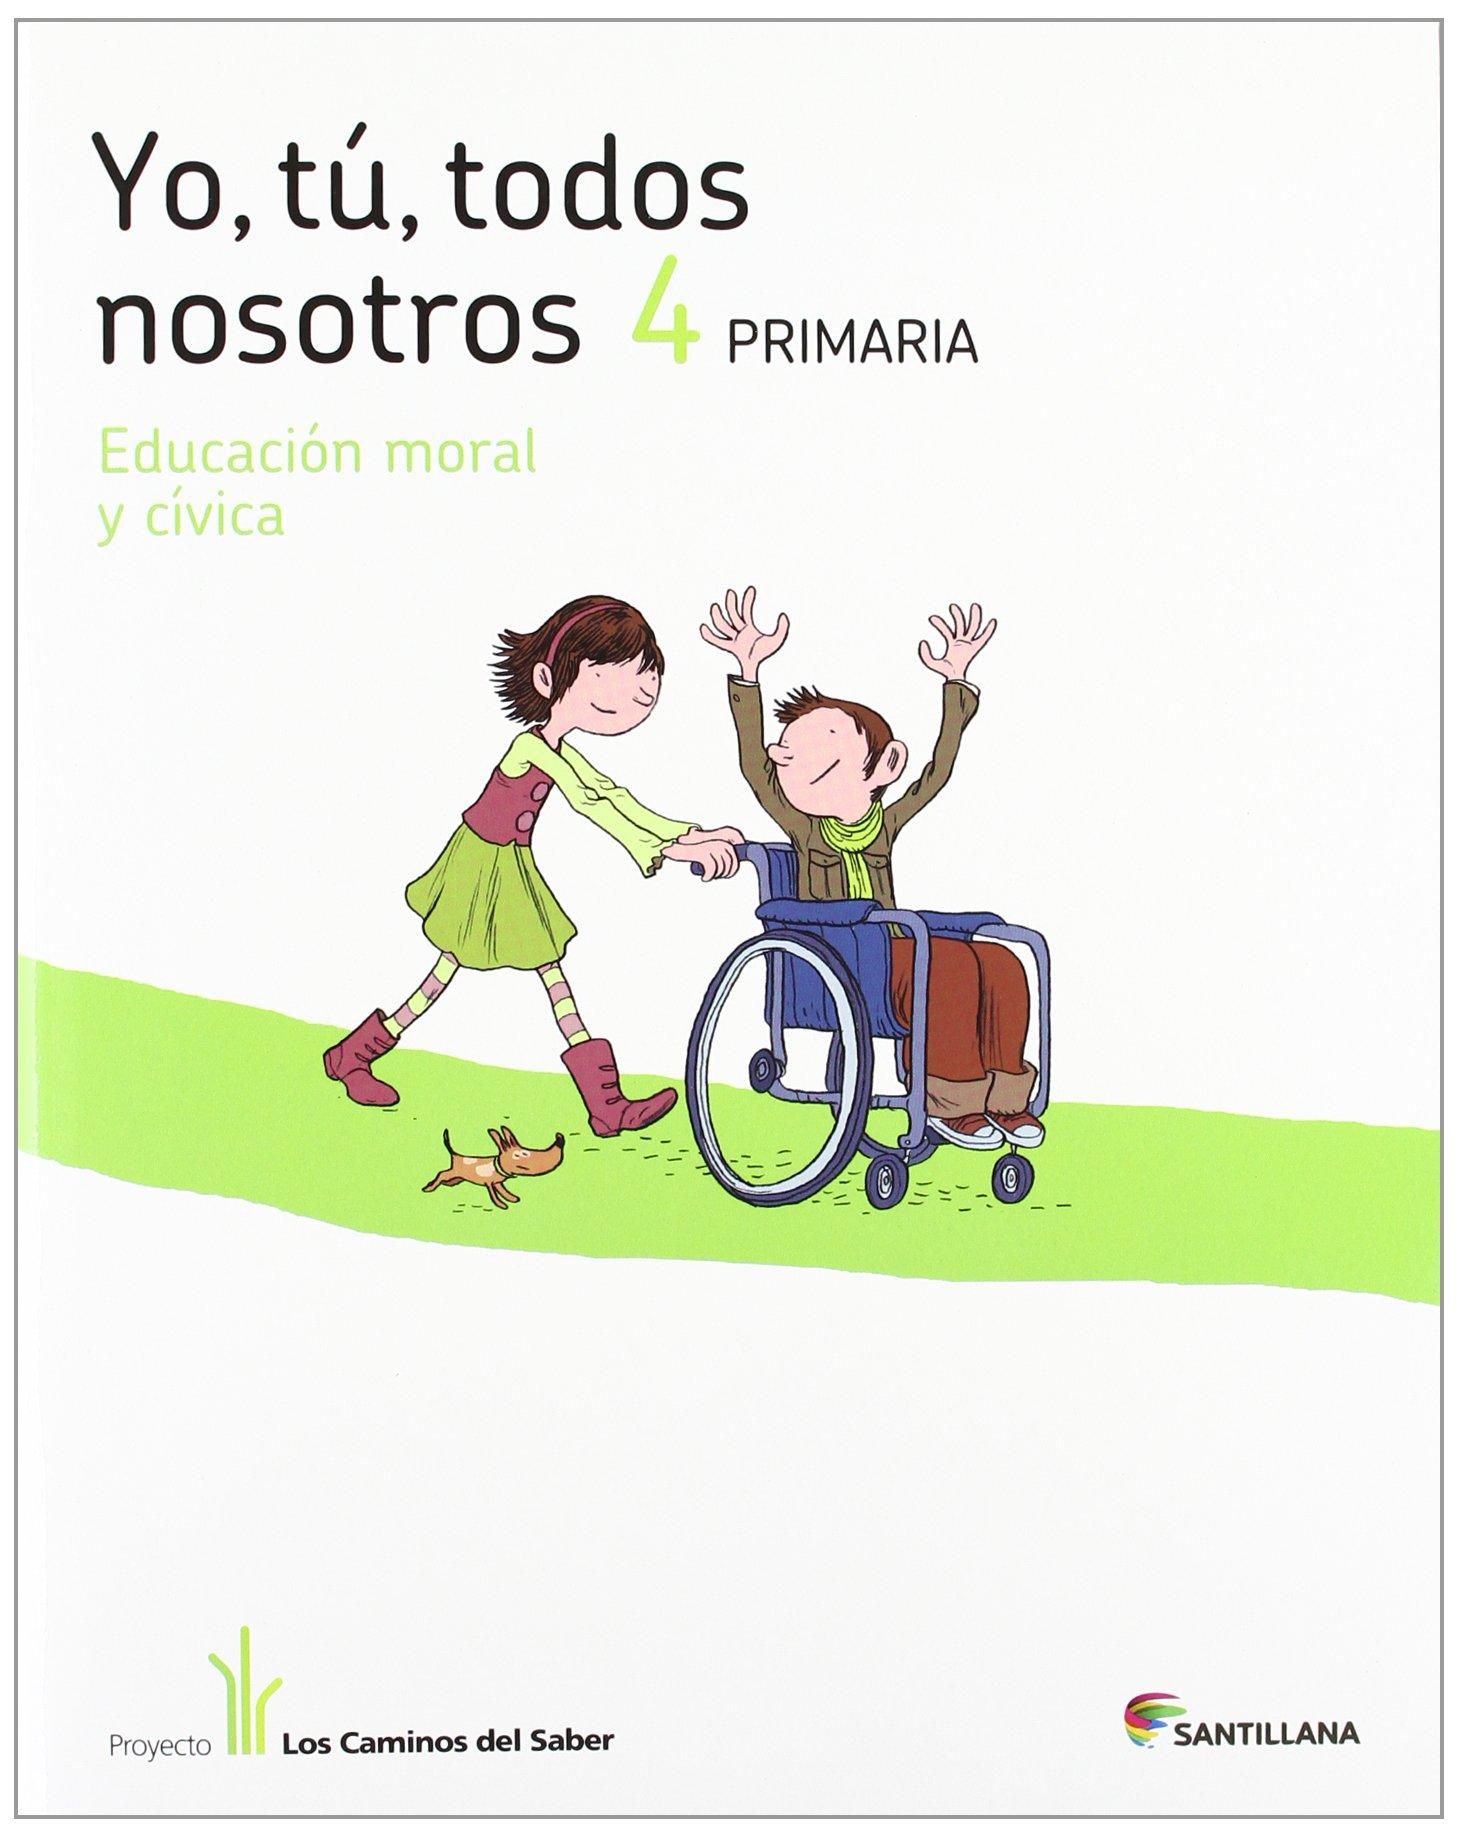 YO TU TODOS NOSOTROS EDUCACION EN VALORES 4 PRIMARIA ...